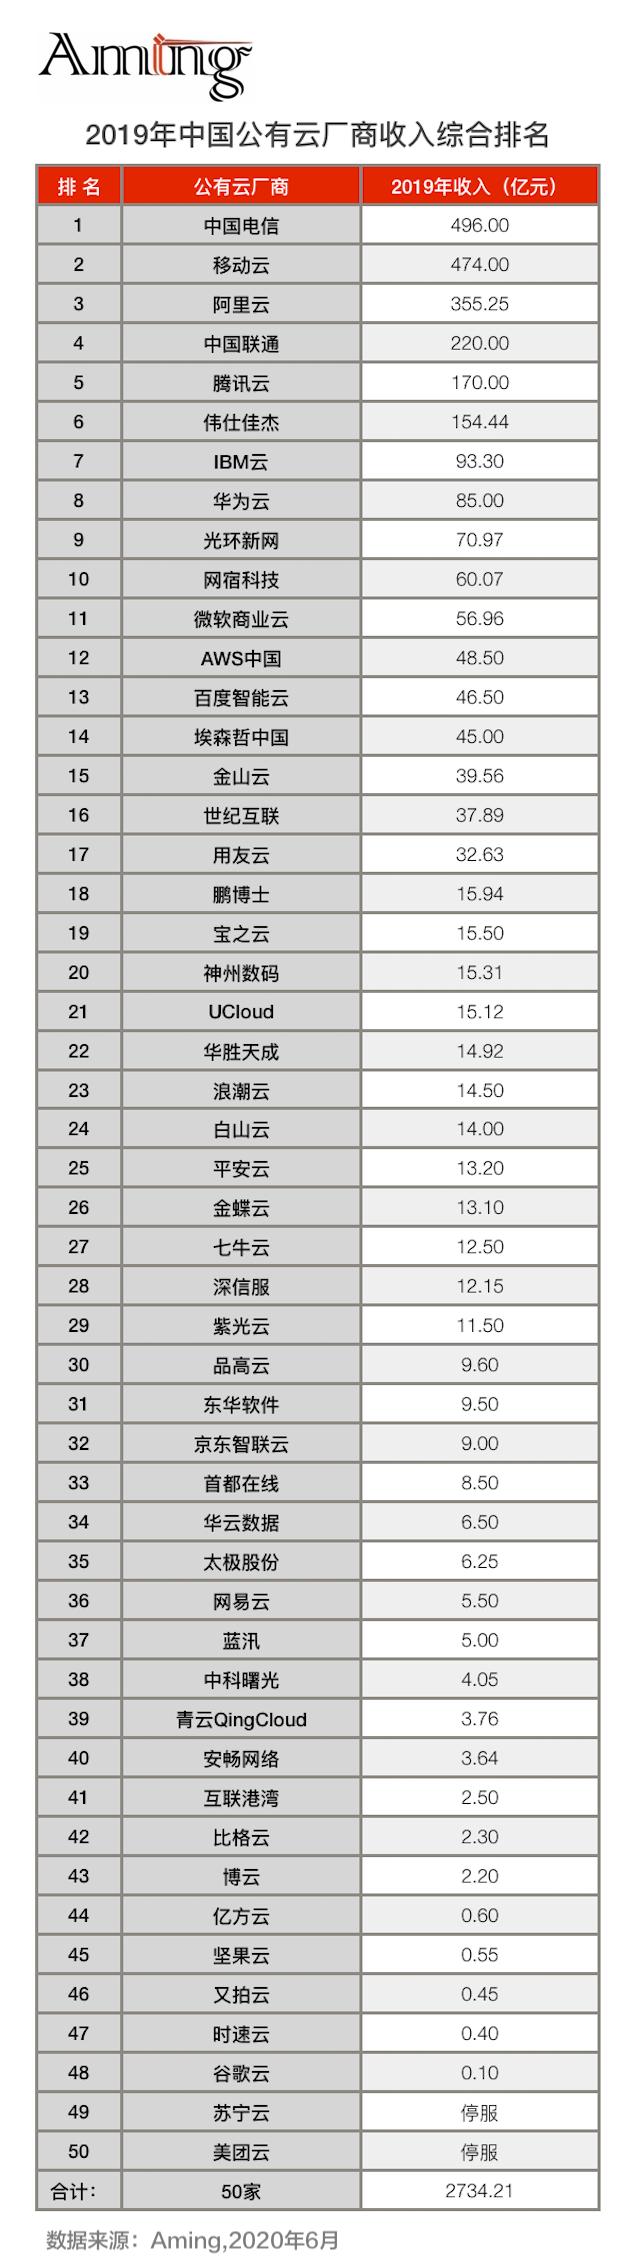 2019年中国公有云厂商发展状况白皮书